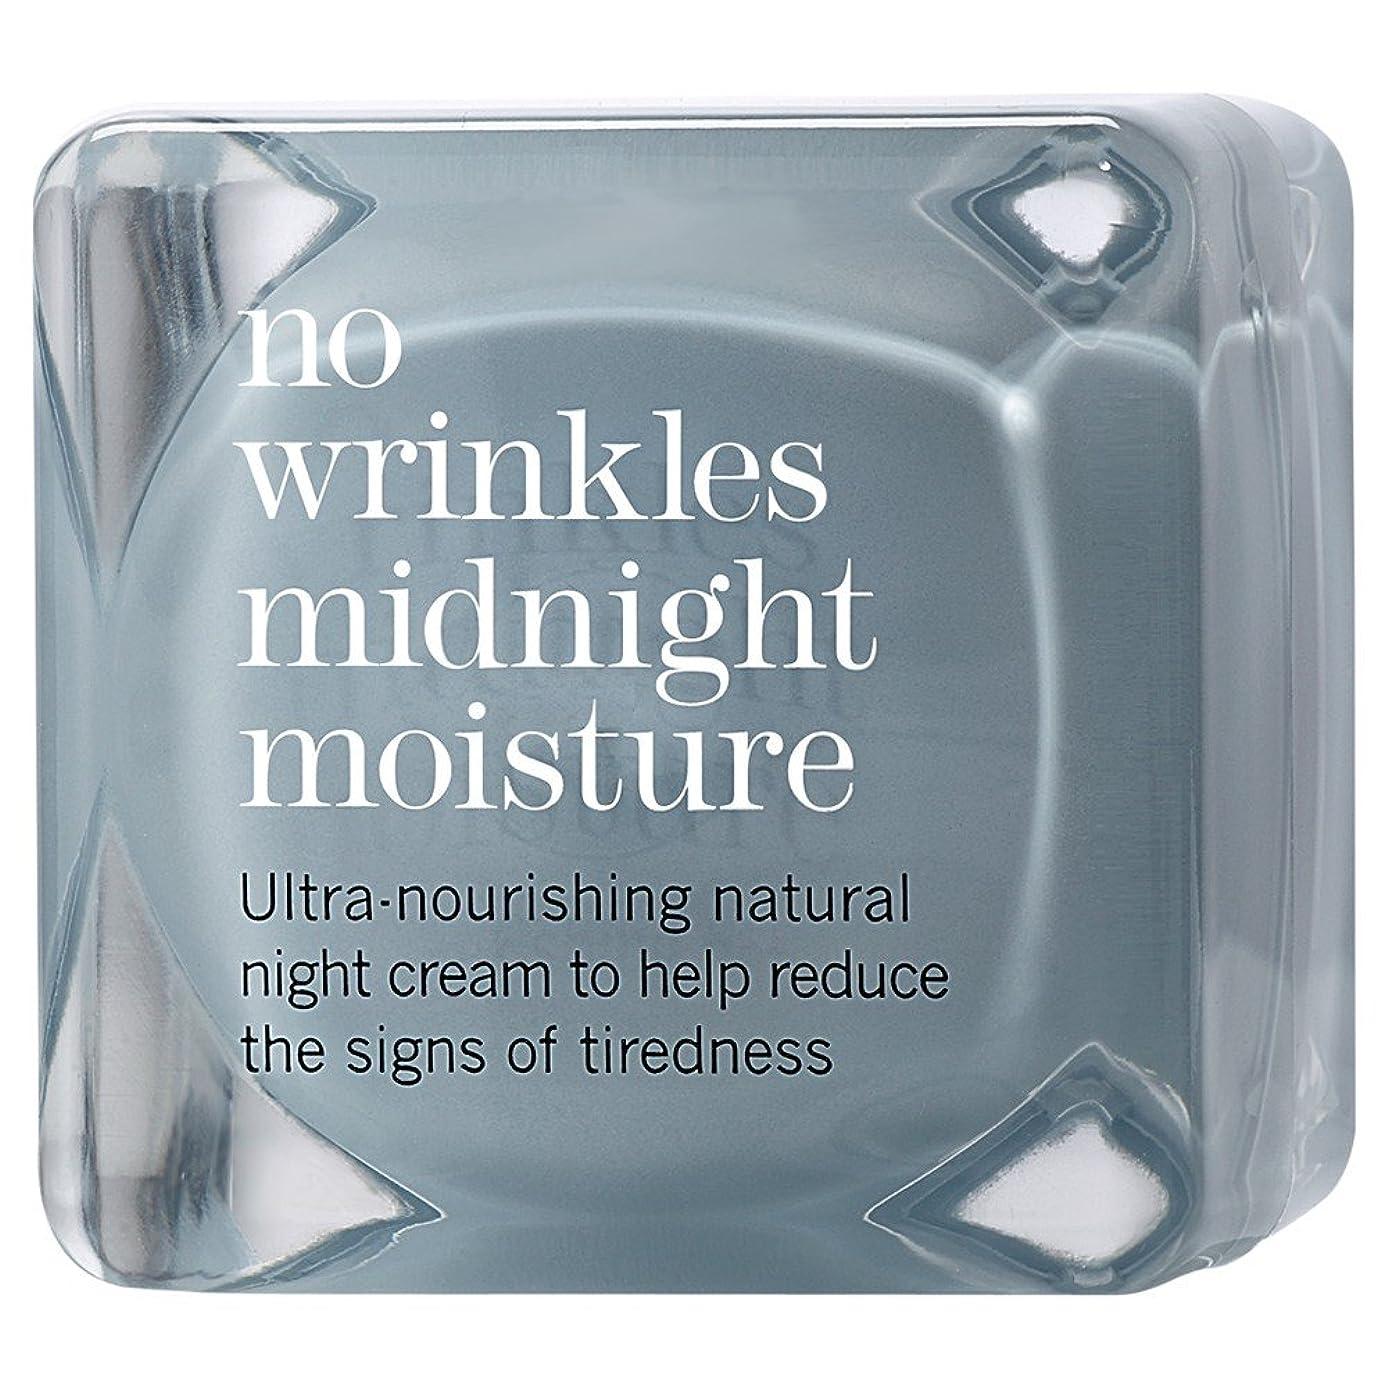 加入喜び子供っぽいこれにはしわ真夜中の水分48ミリリットルの作品はありません (This Works) (x2) - This Works No Wrinkles Midnight Moisture 48ml (Pack of 2) [並行輸入品]